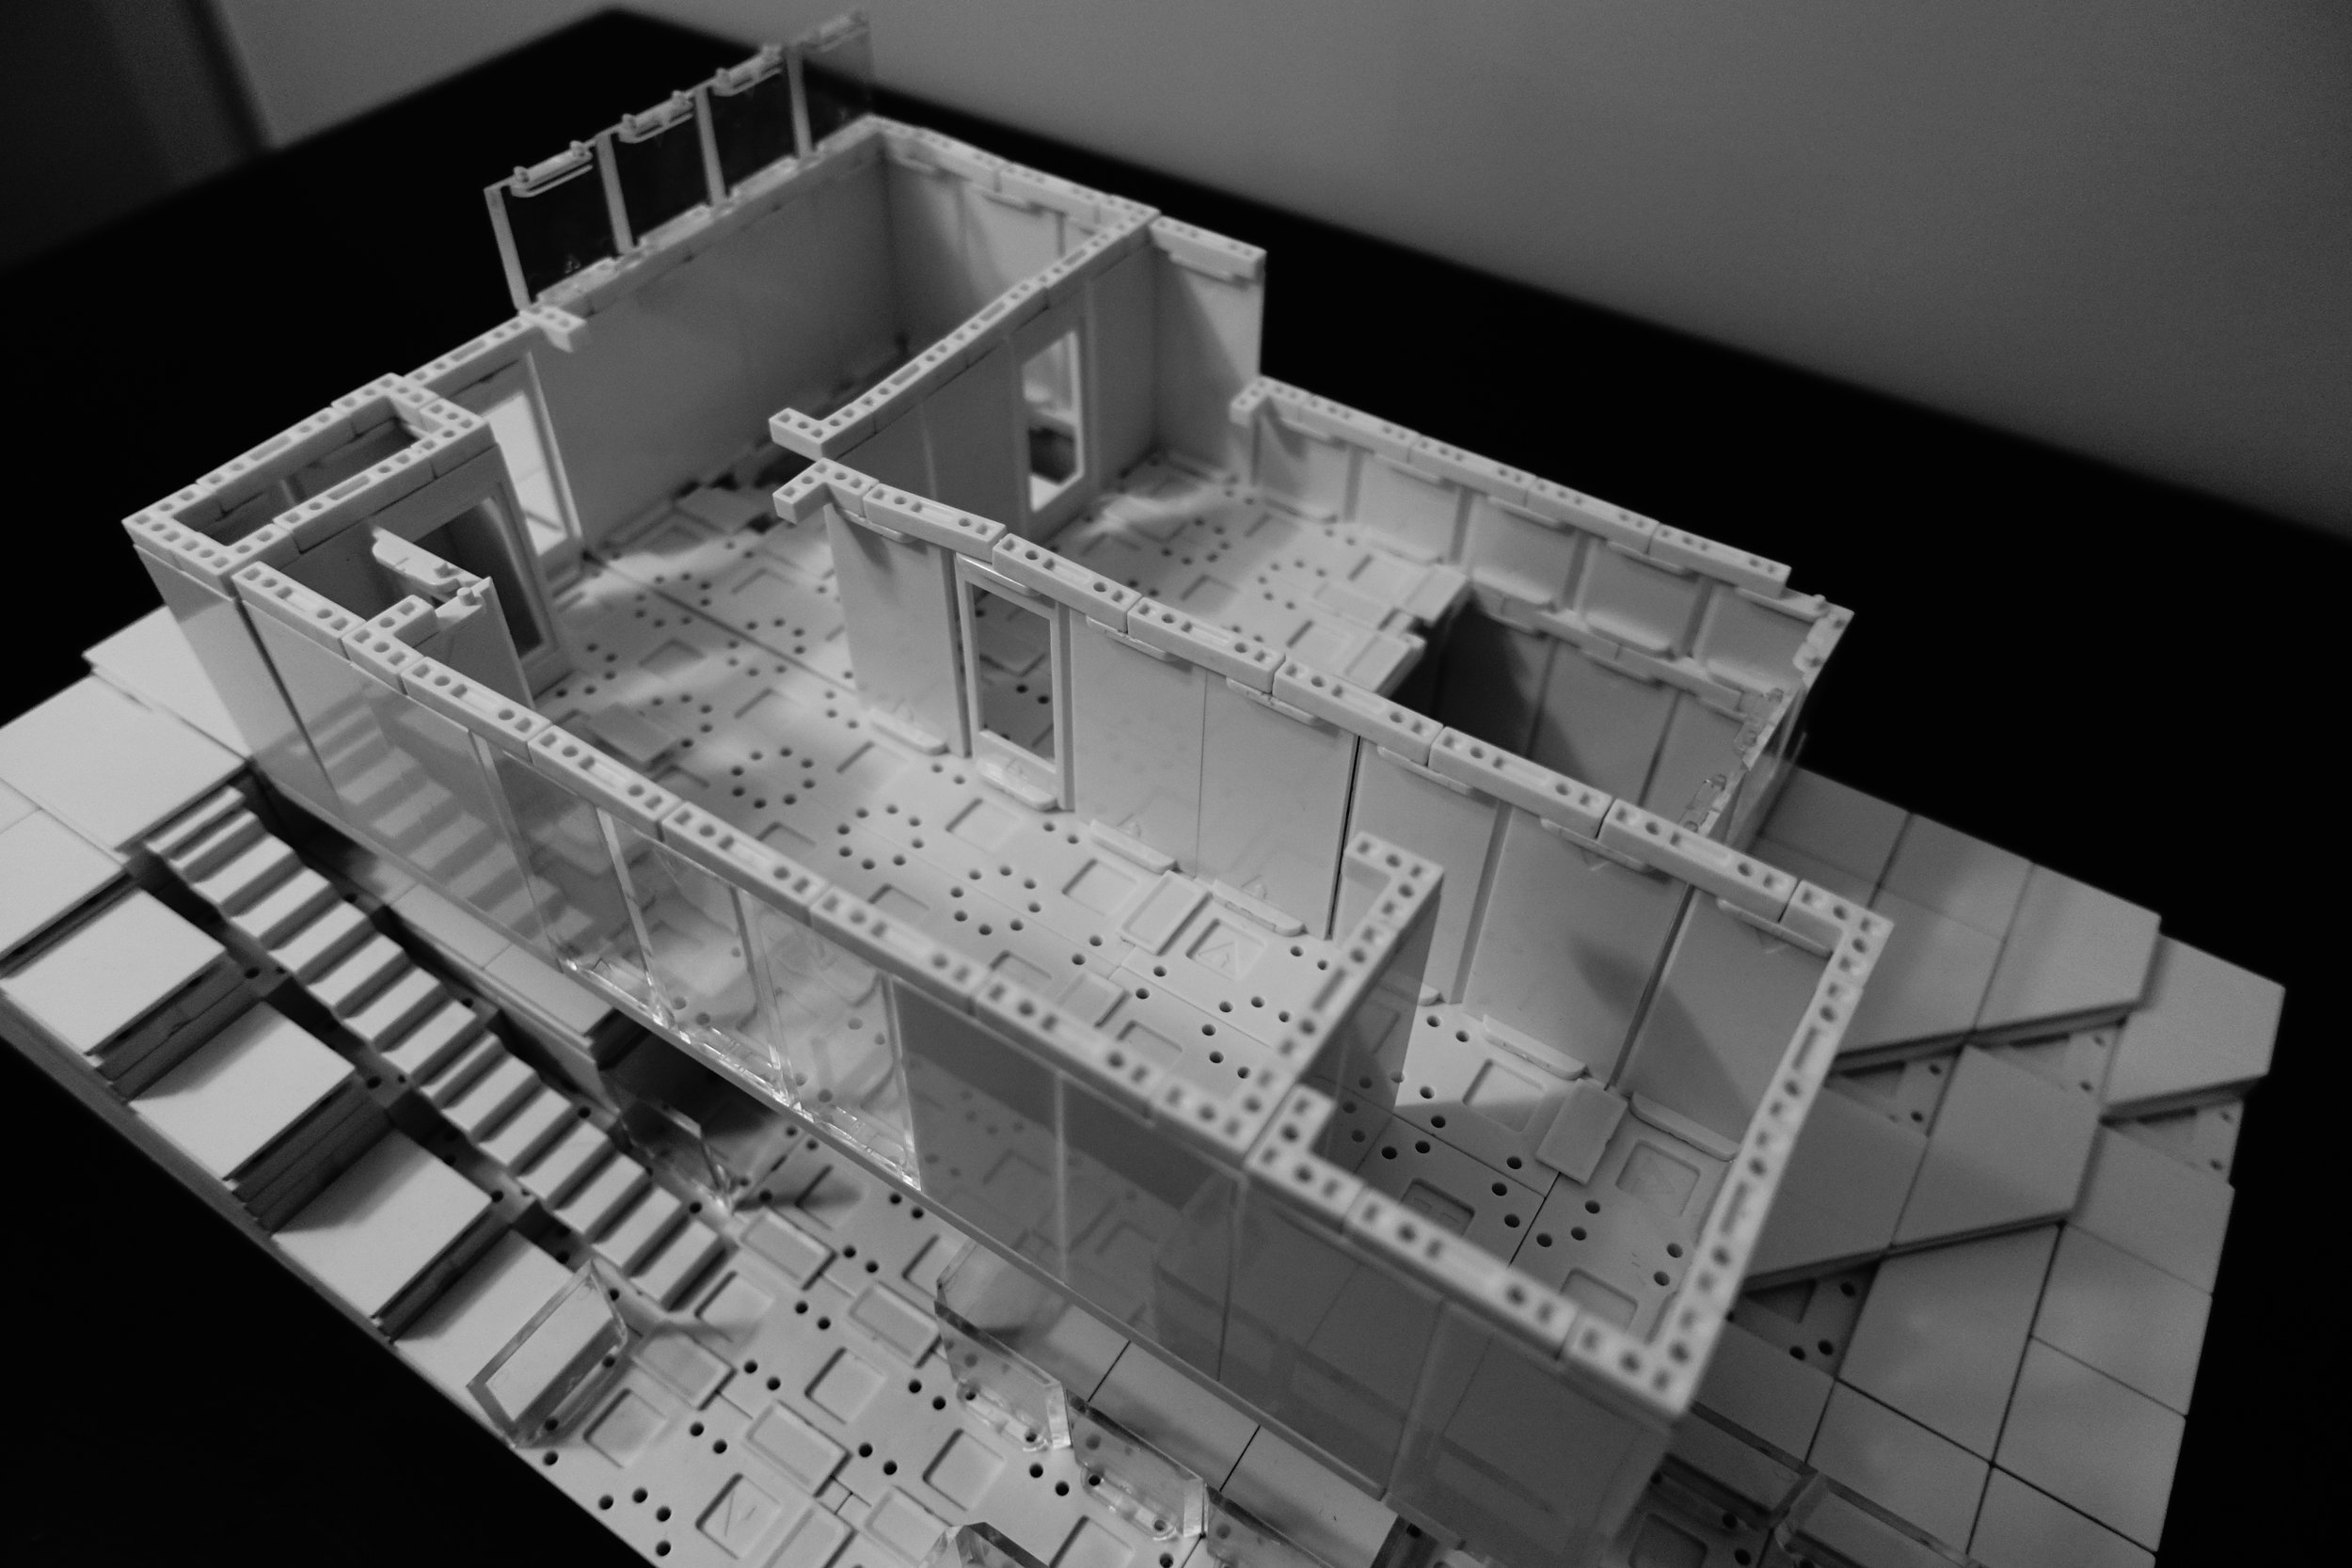 Creating the Top Floor Plan.